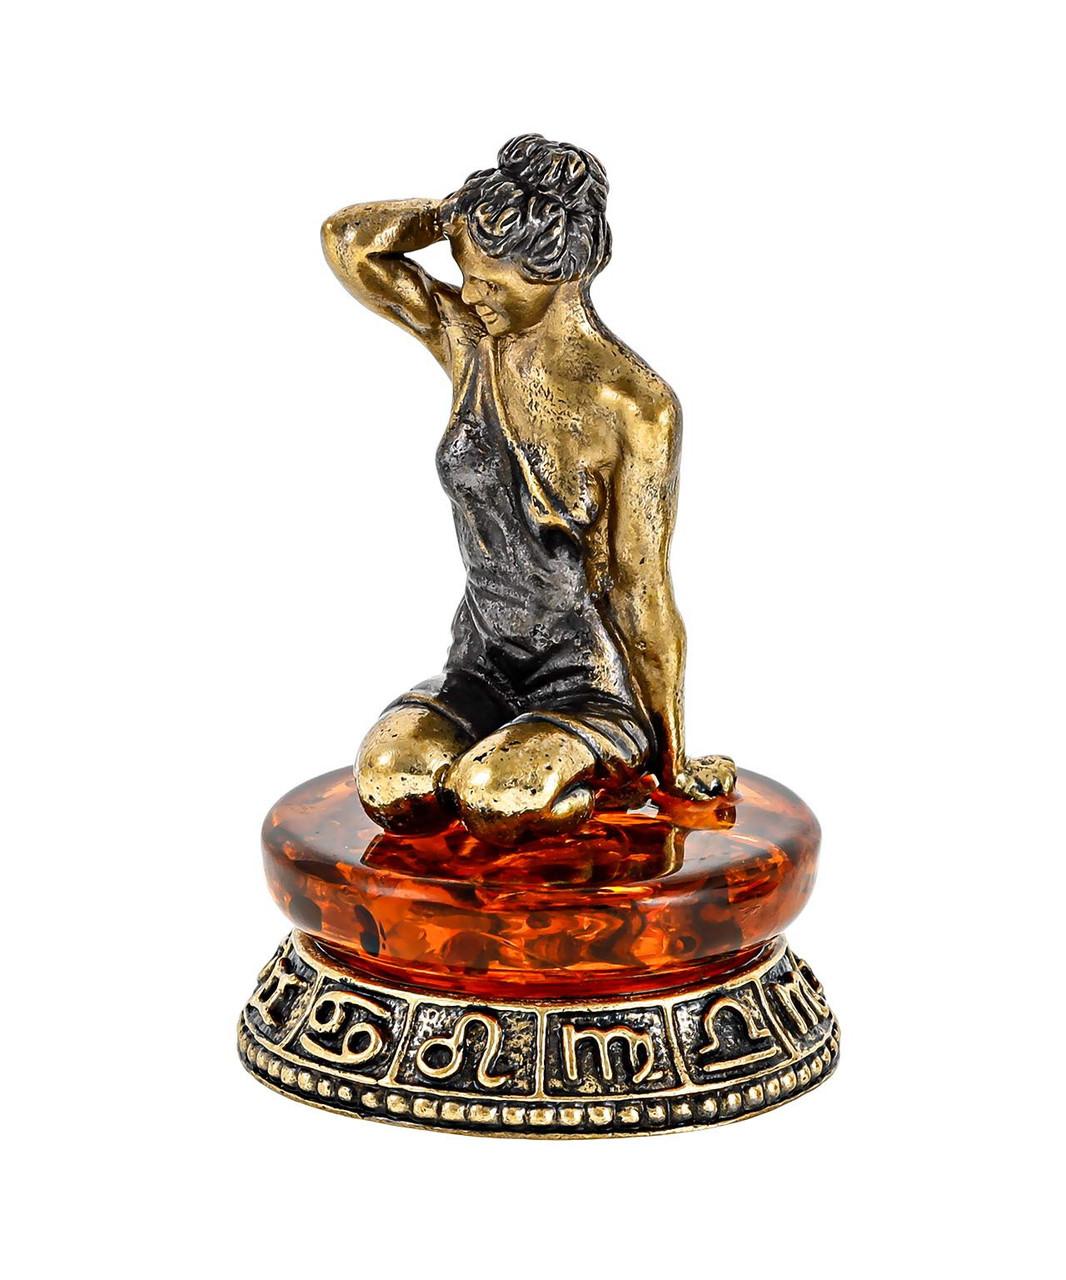 Знак зодиака Дева. Сувенир с янтарем. Ручная работа.